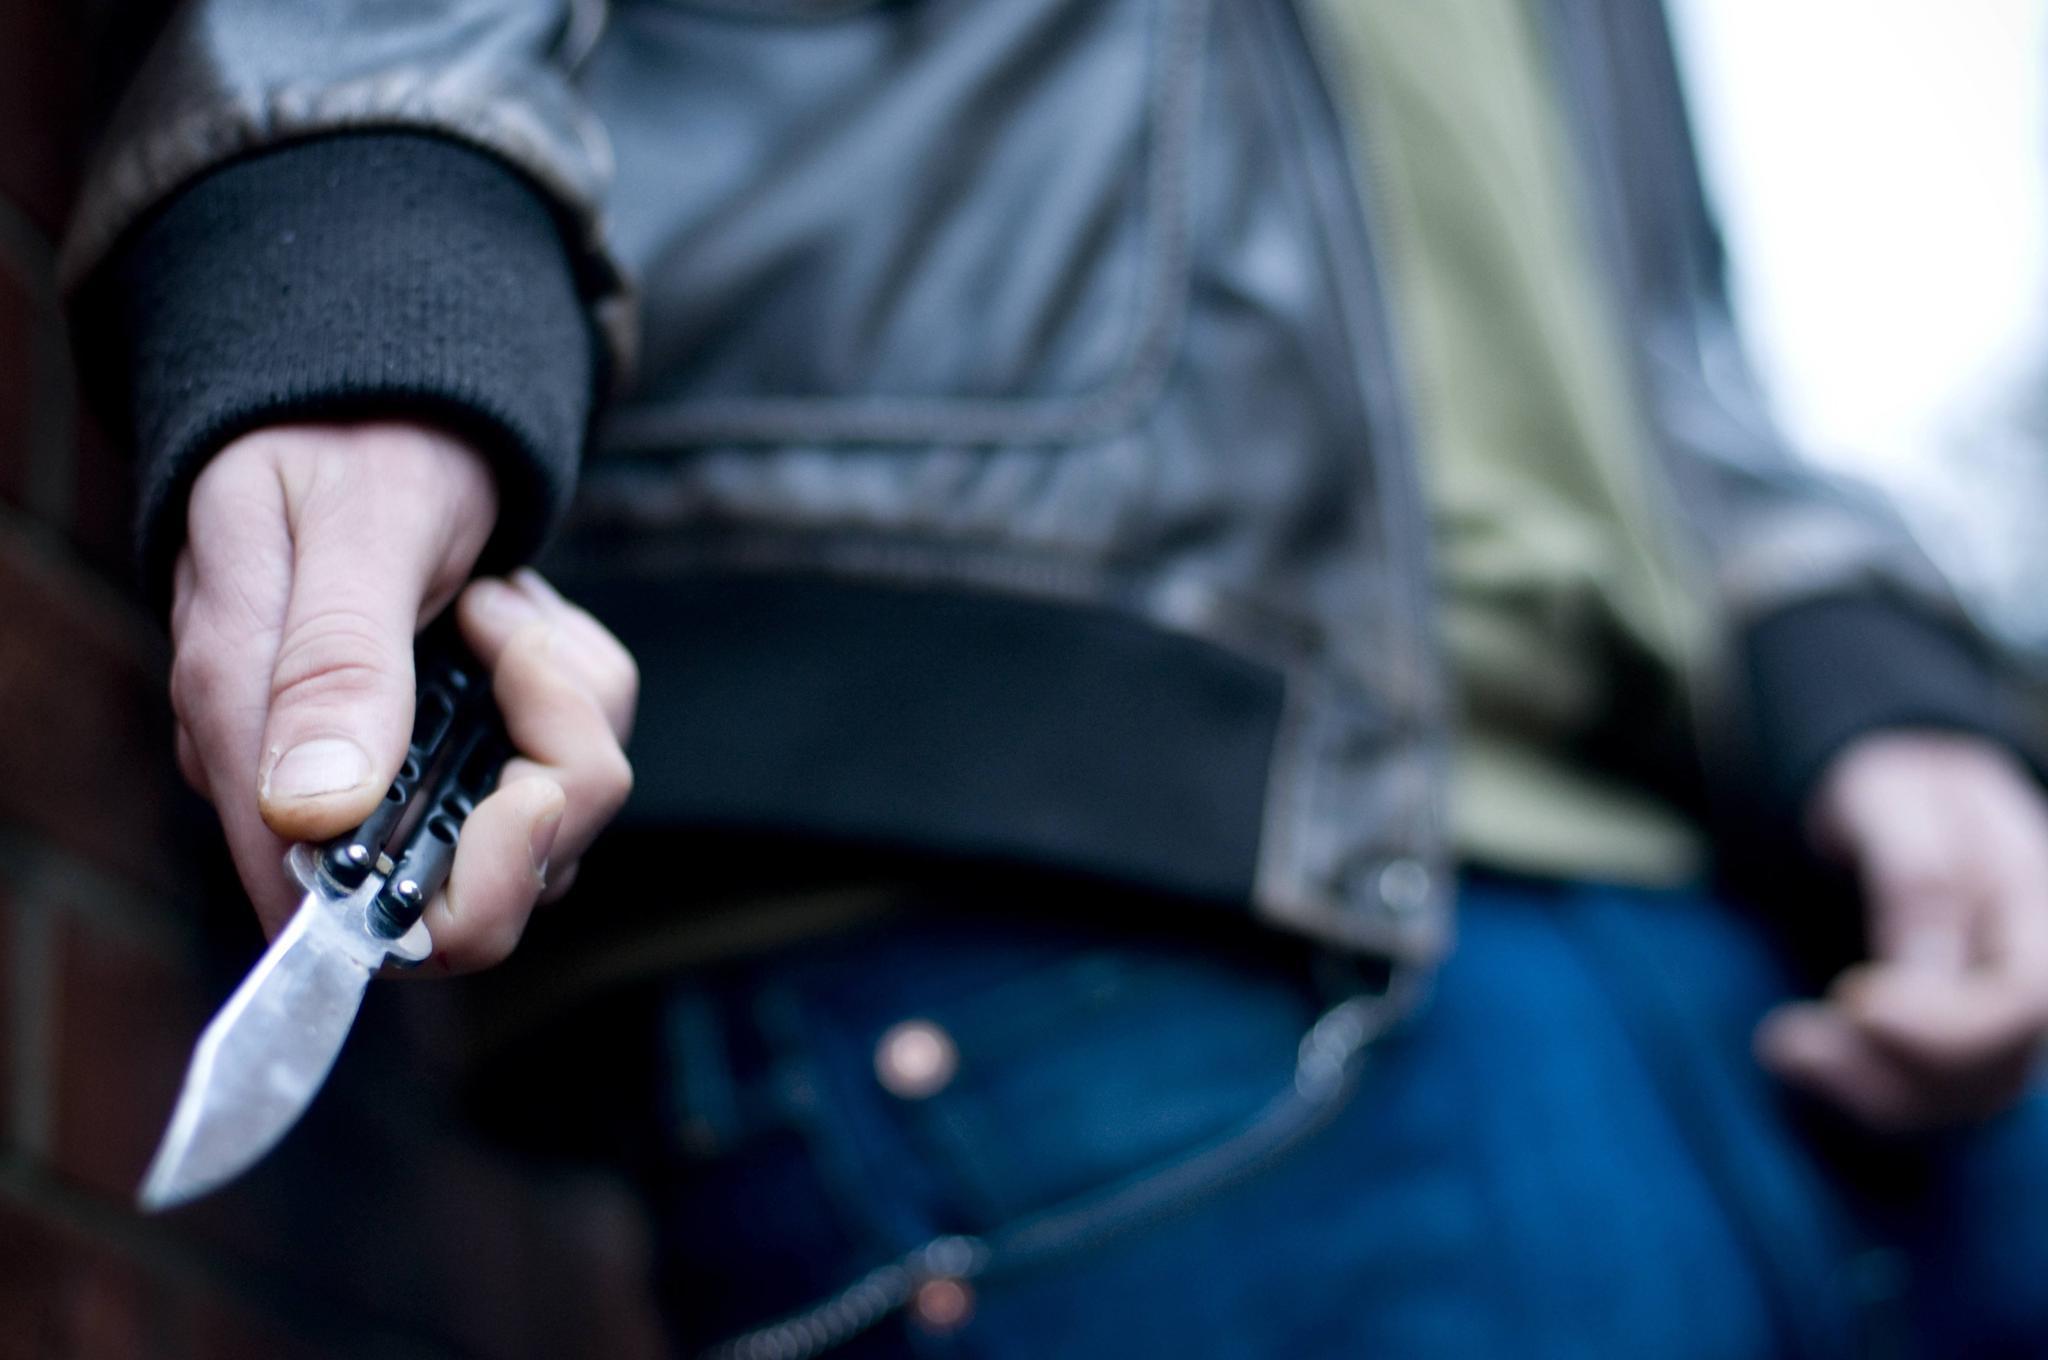 Messer als Waffe: Junge Männer und kalter Stahl | STERN.de